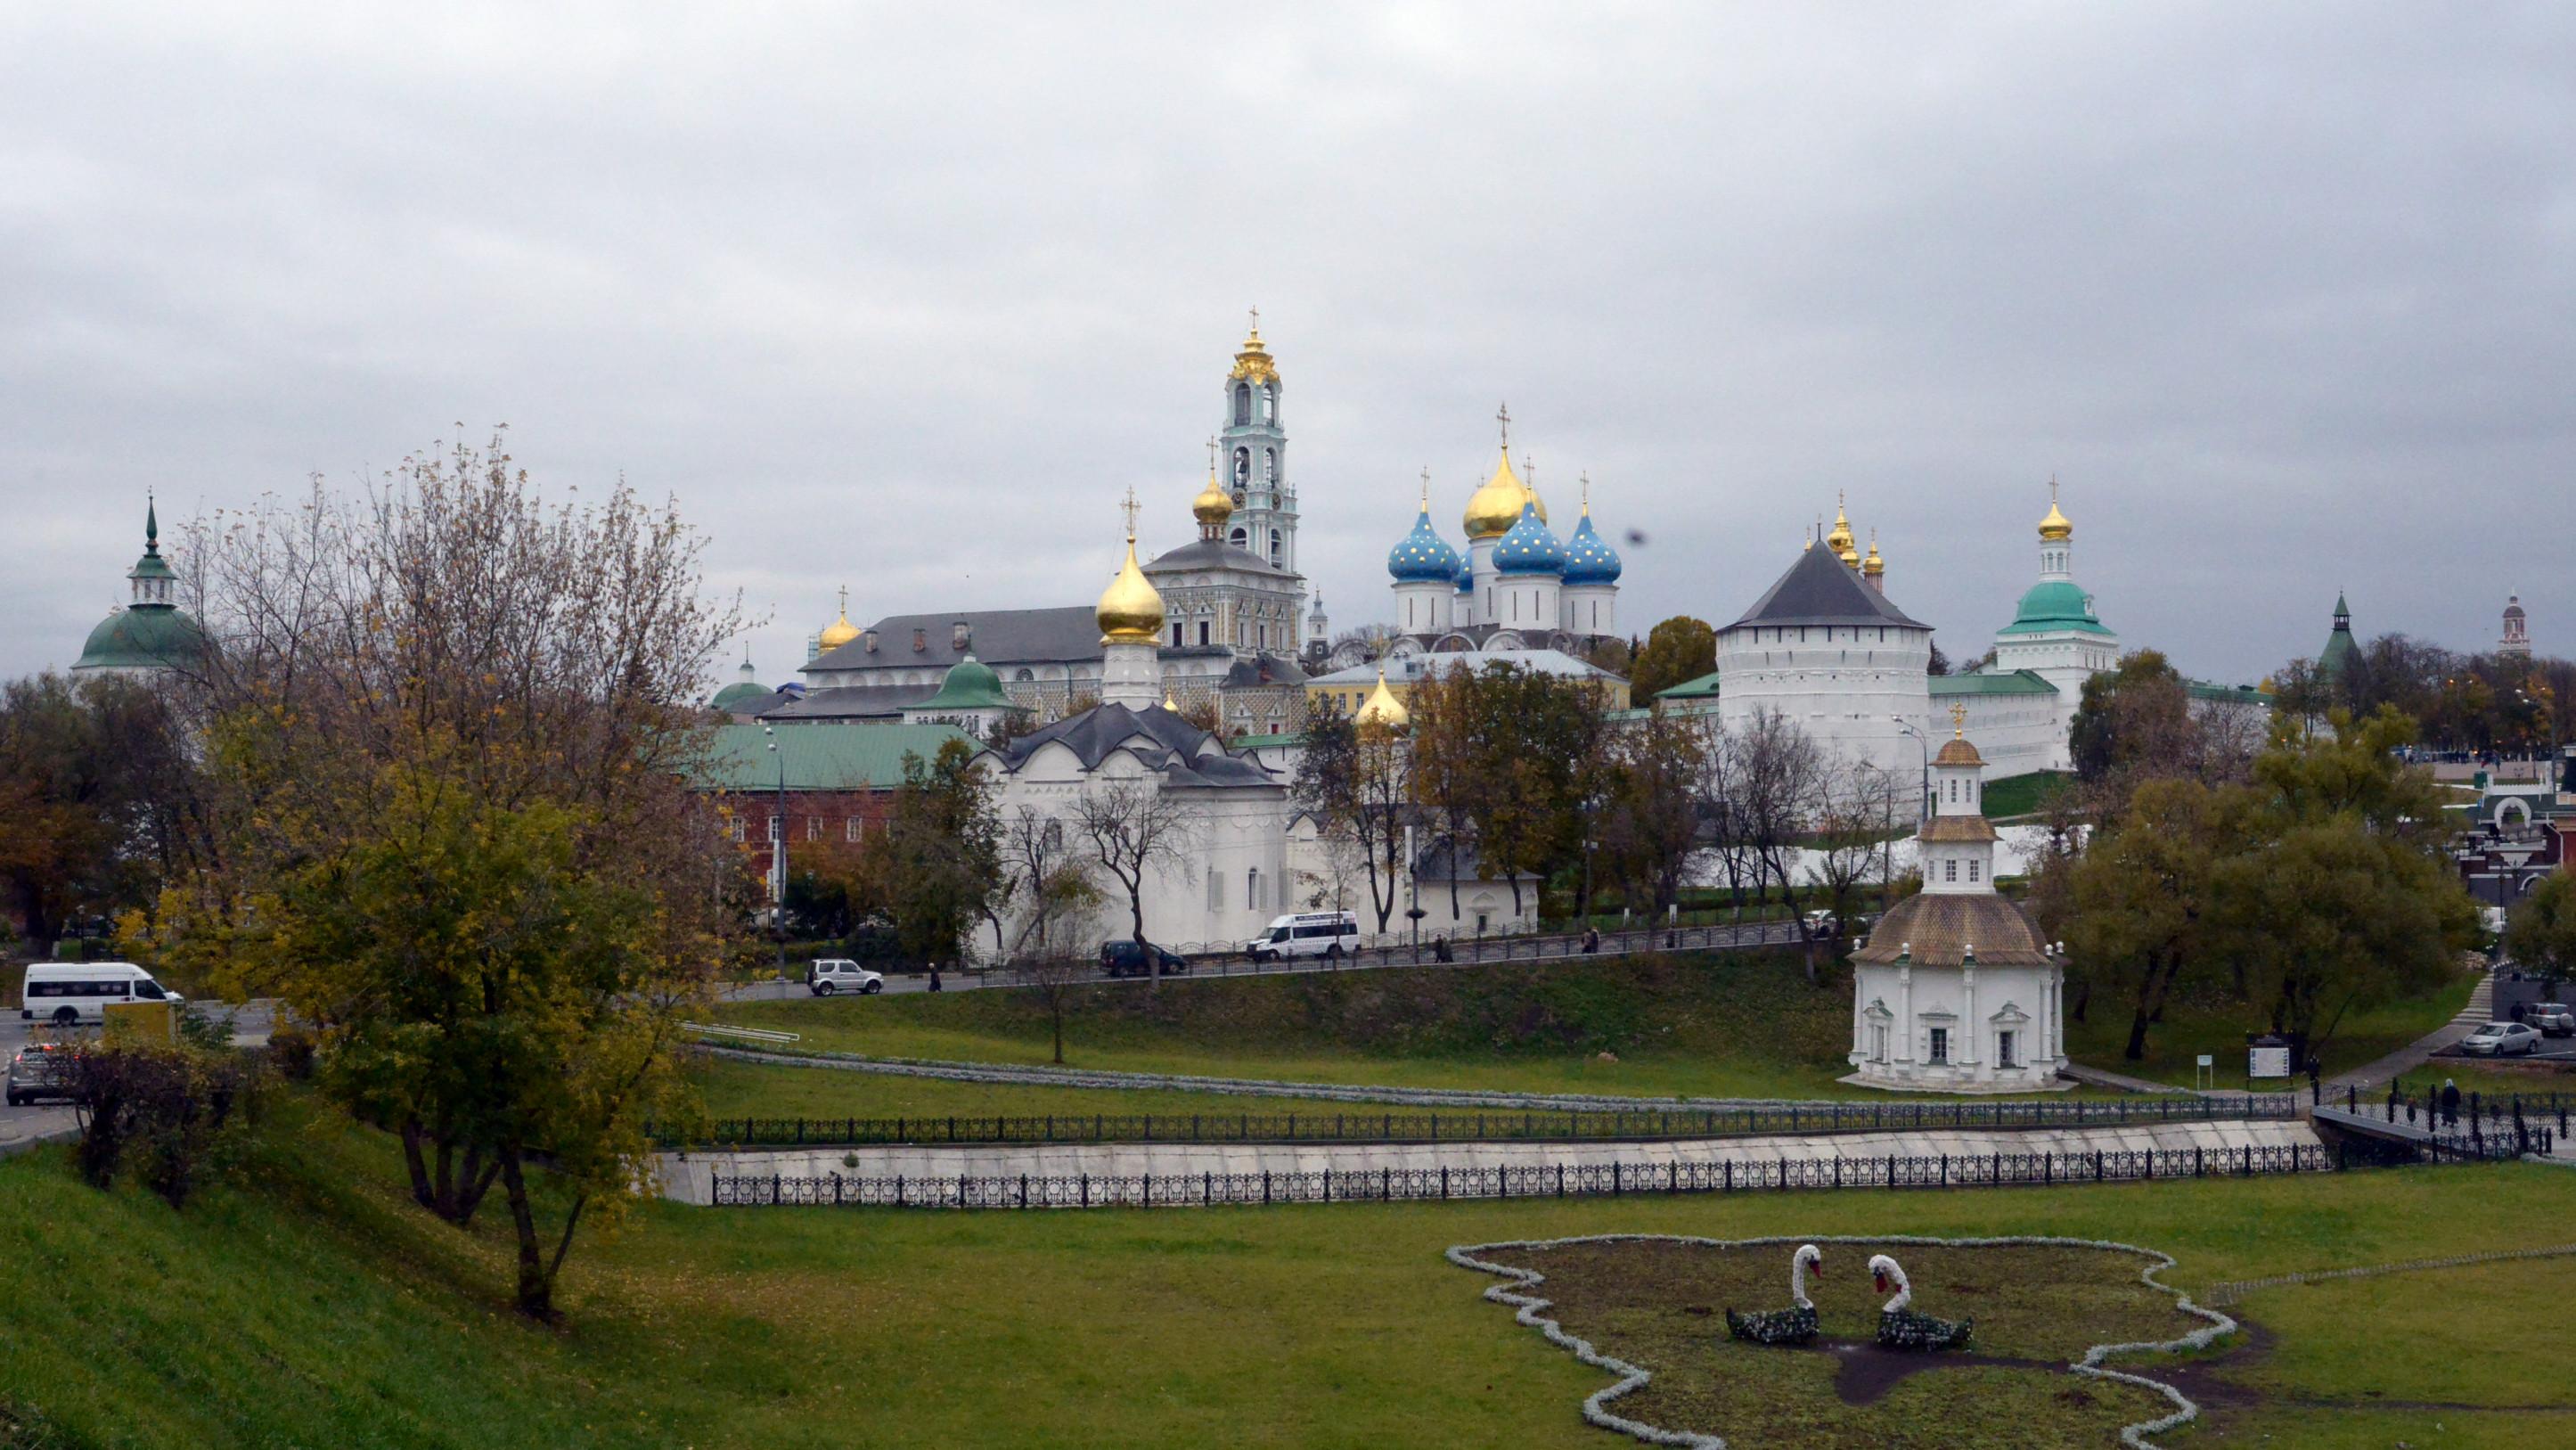 Музей мини-достопримечательностей Золотого кольца России открылся в Сергиевом Посаде